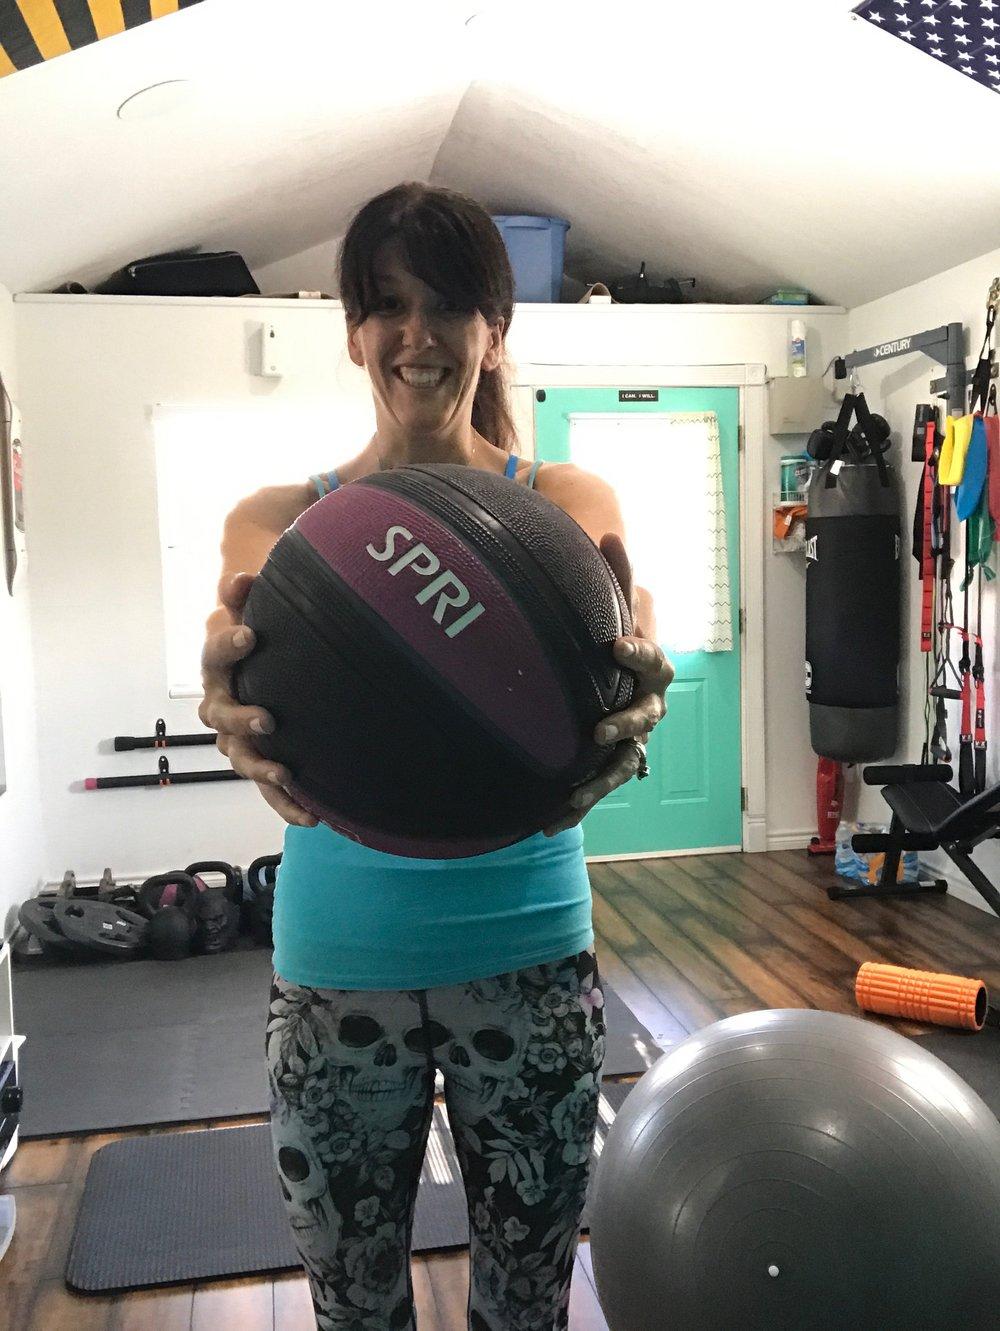 lea genders fitness med ball.JPG